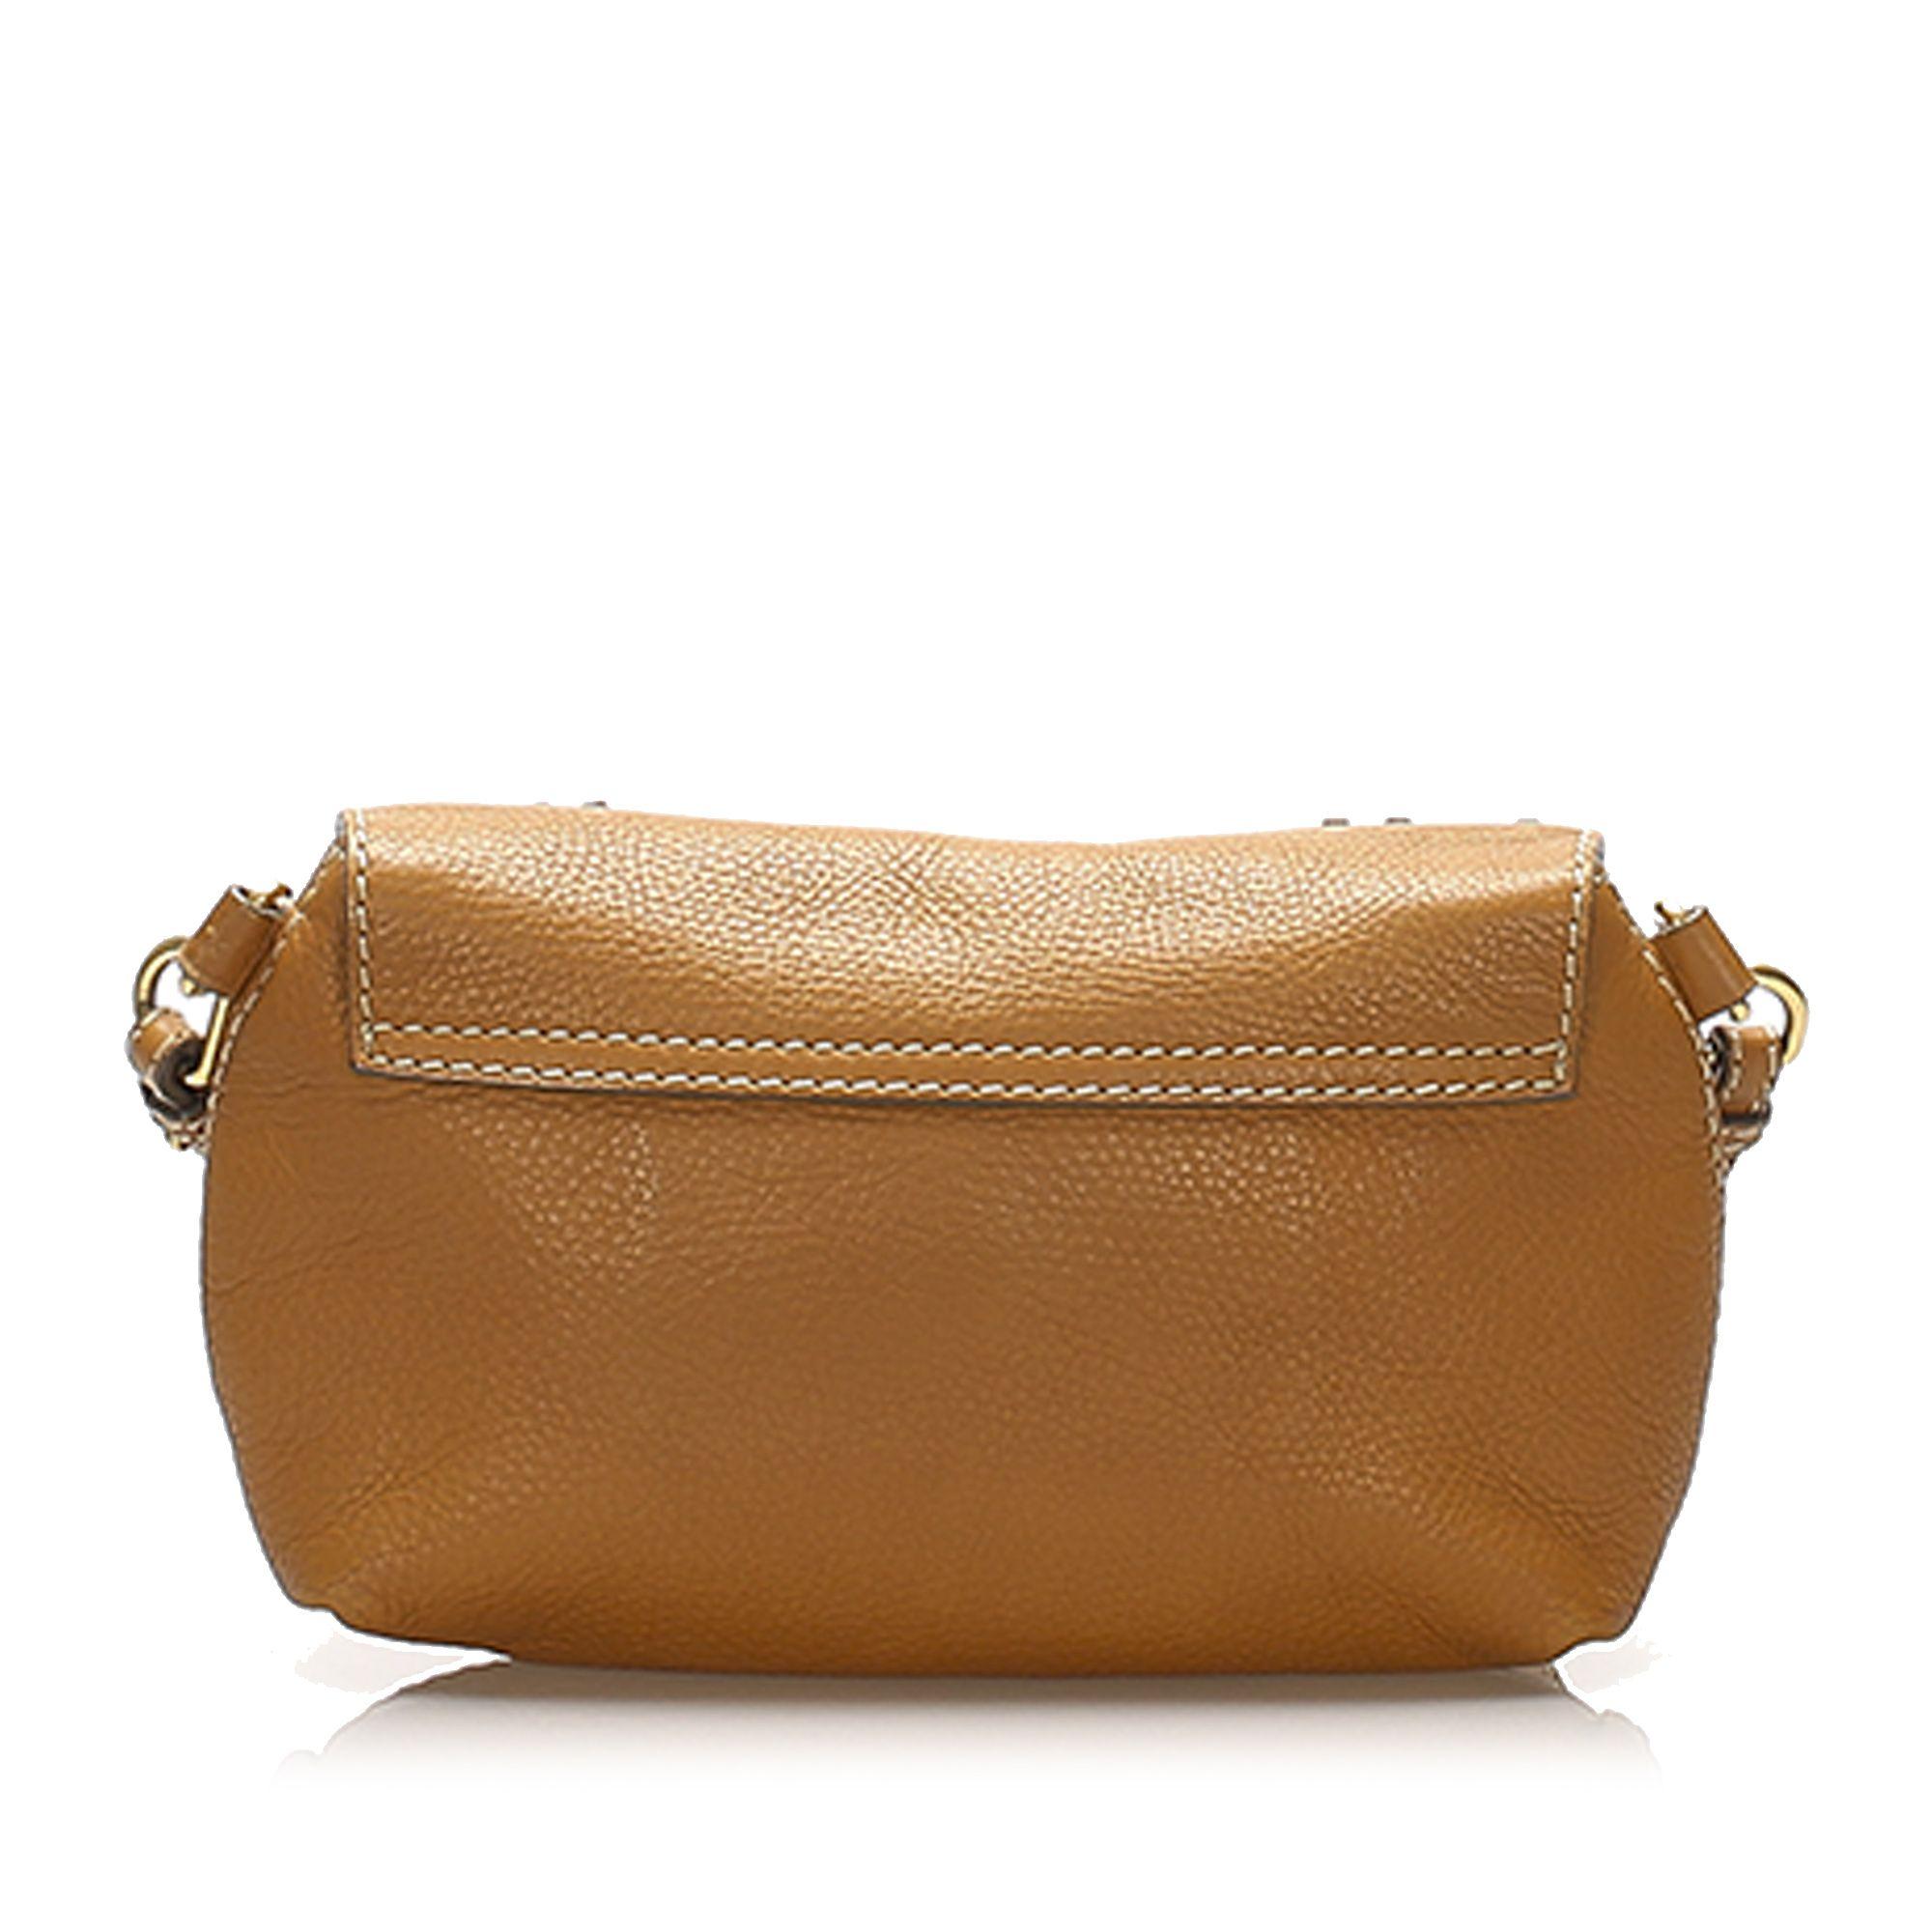 Vintage Chloe Marcie Leather Crossbody Bag Brown